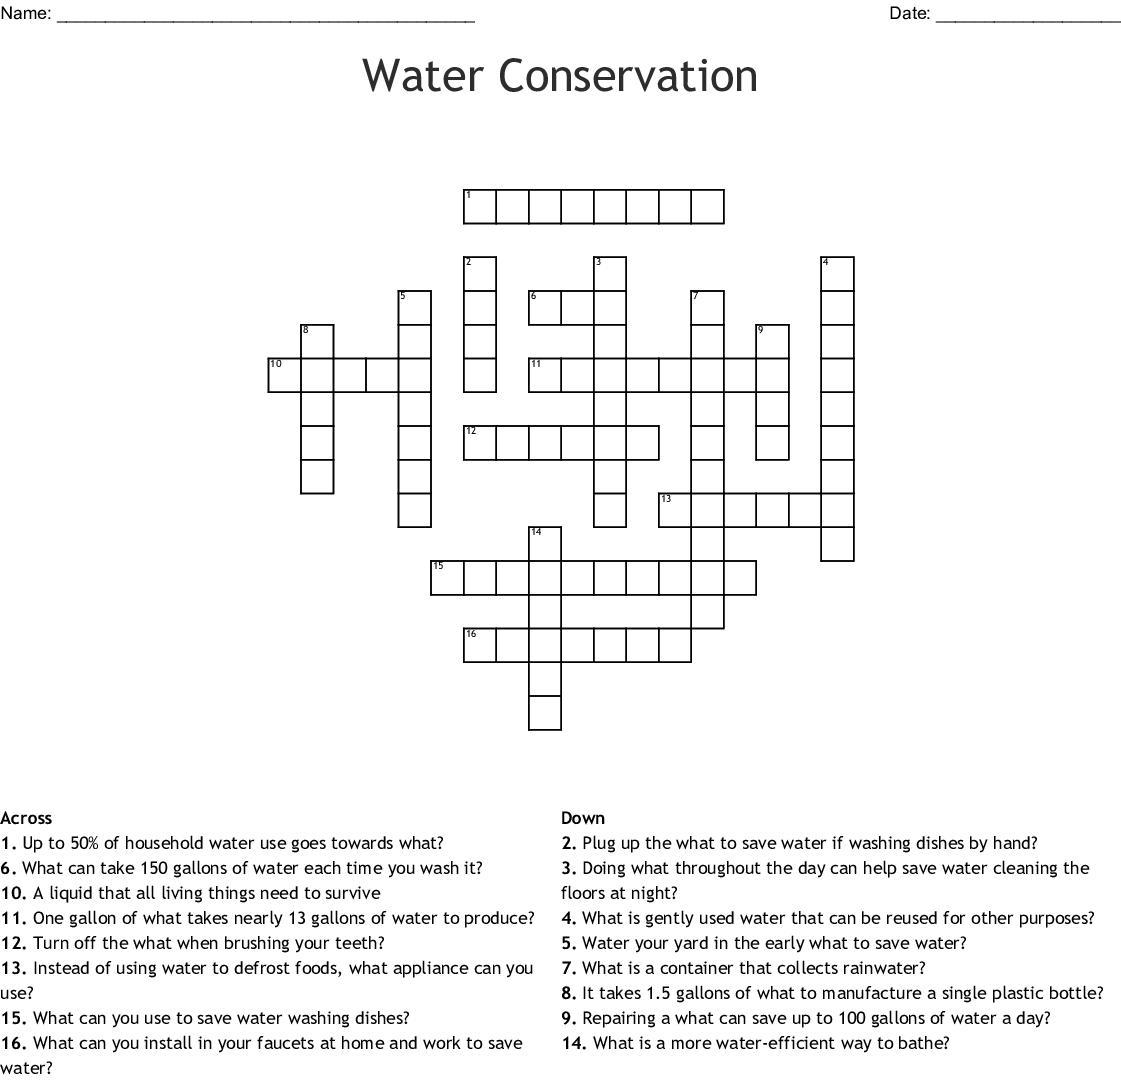 Water Conservation Crossword Wordmint